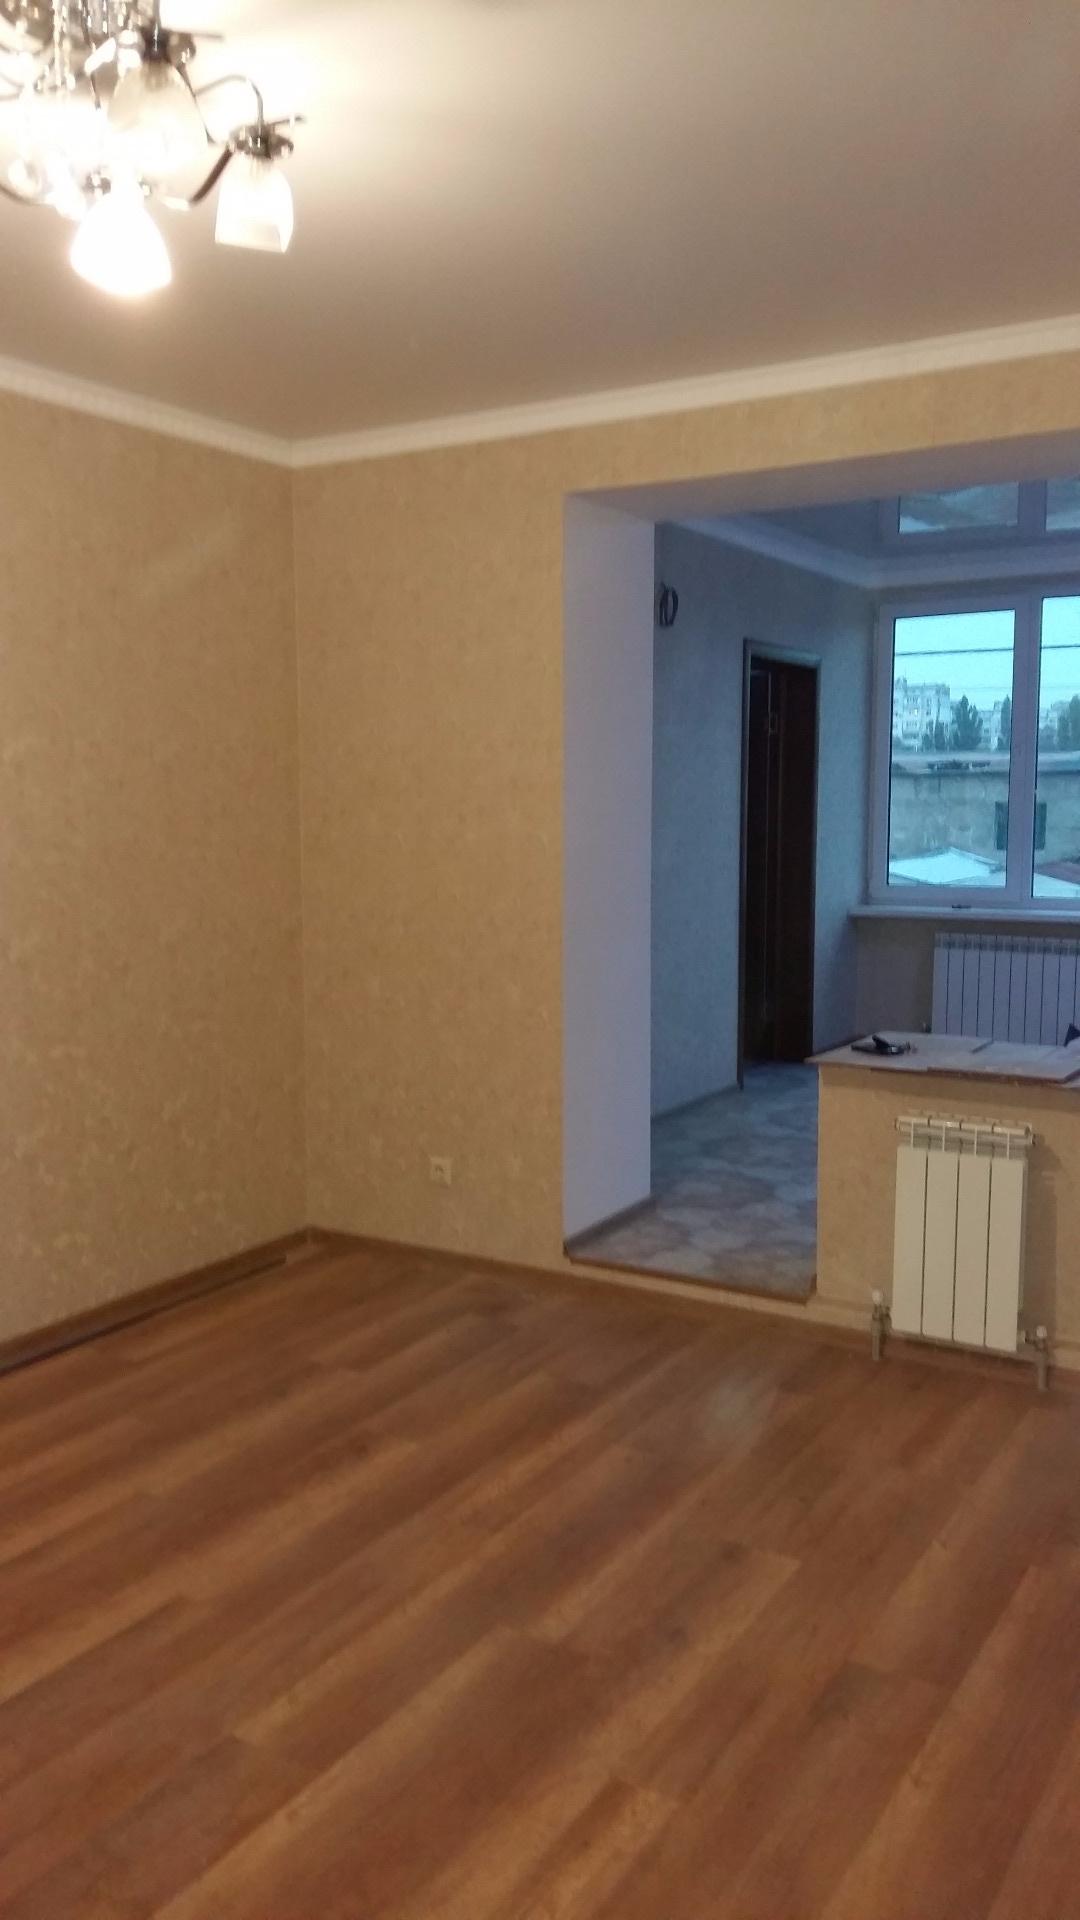 Продается 3-комнатная Квартира на ул. Швыгина Ген. — 50 000 у.е. (фото №4)